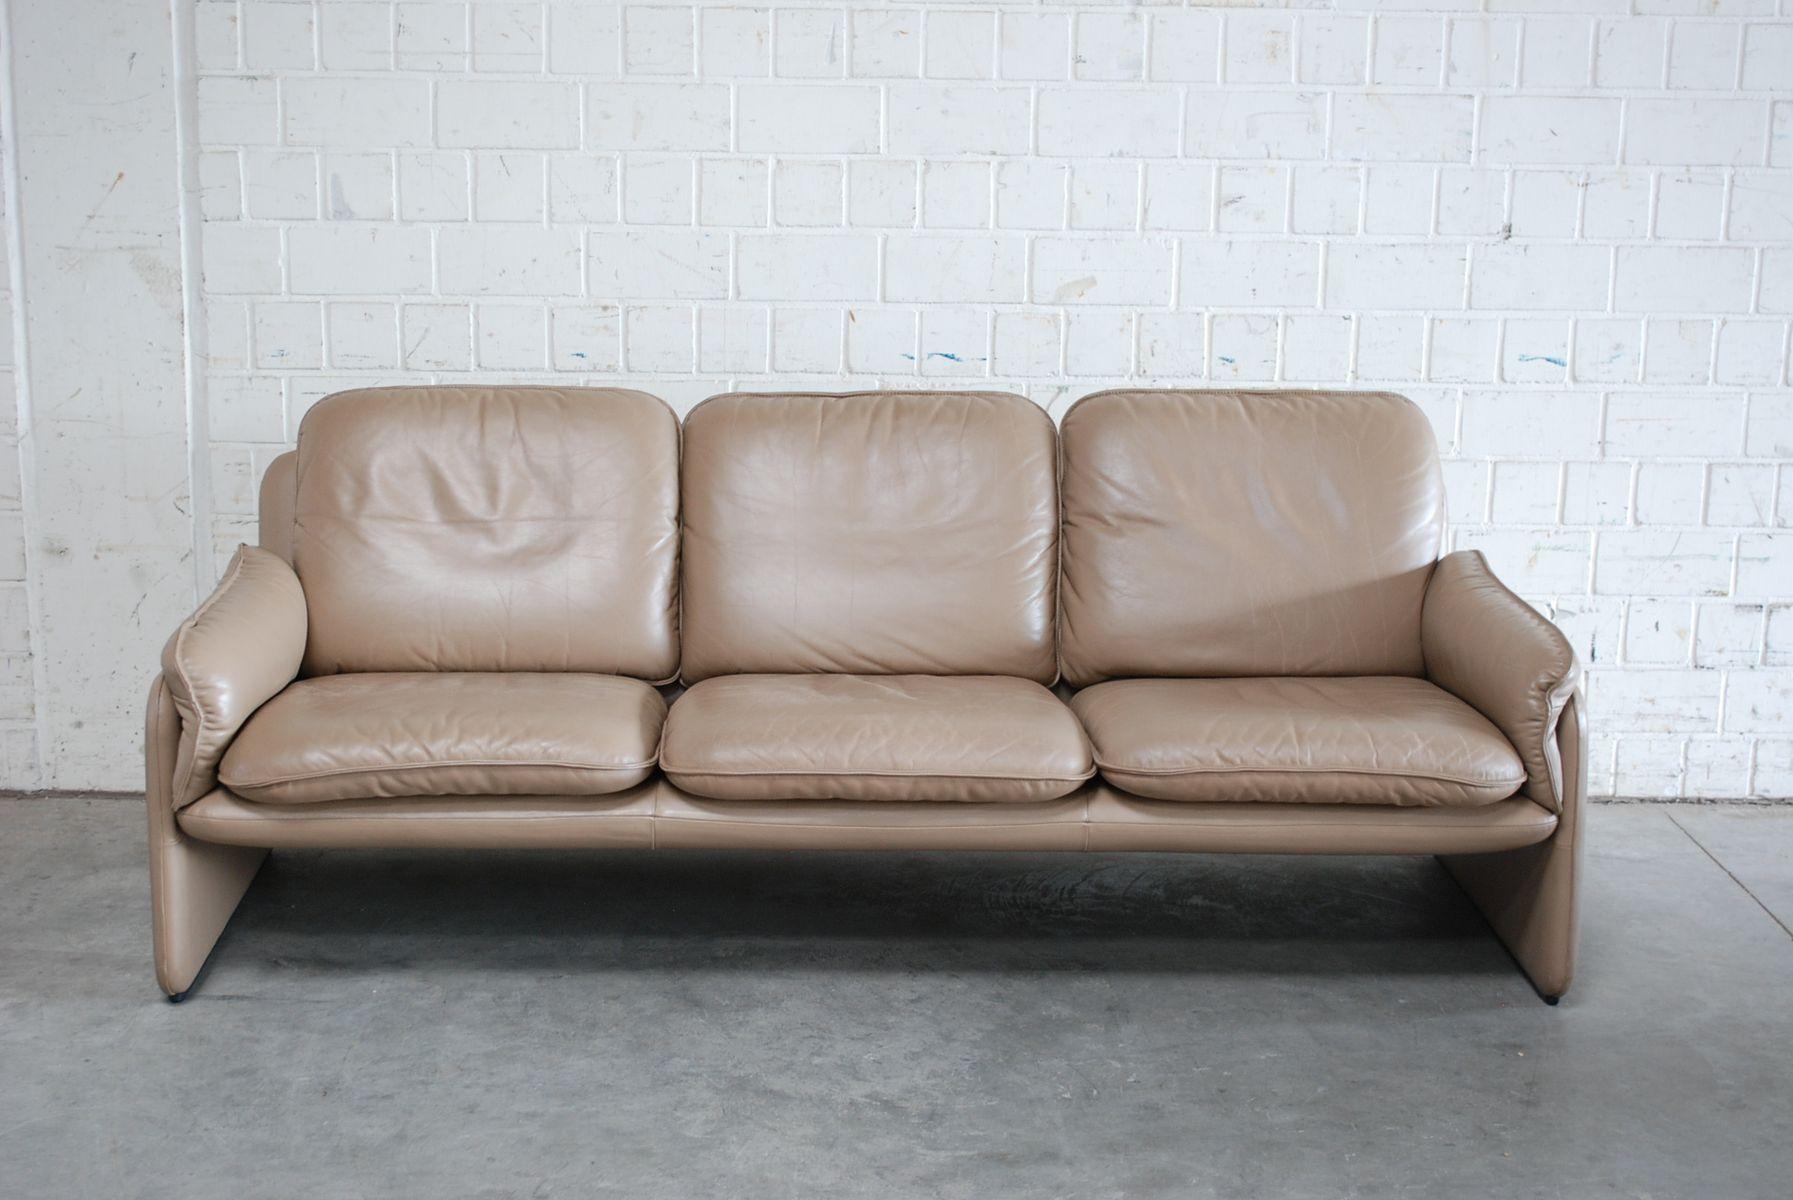 Canap et fauteuil mod le ds 61 vintage en cuir de de for Modele canape